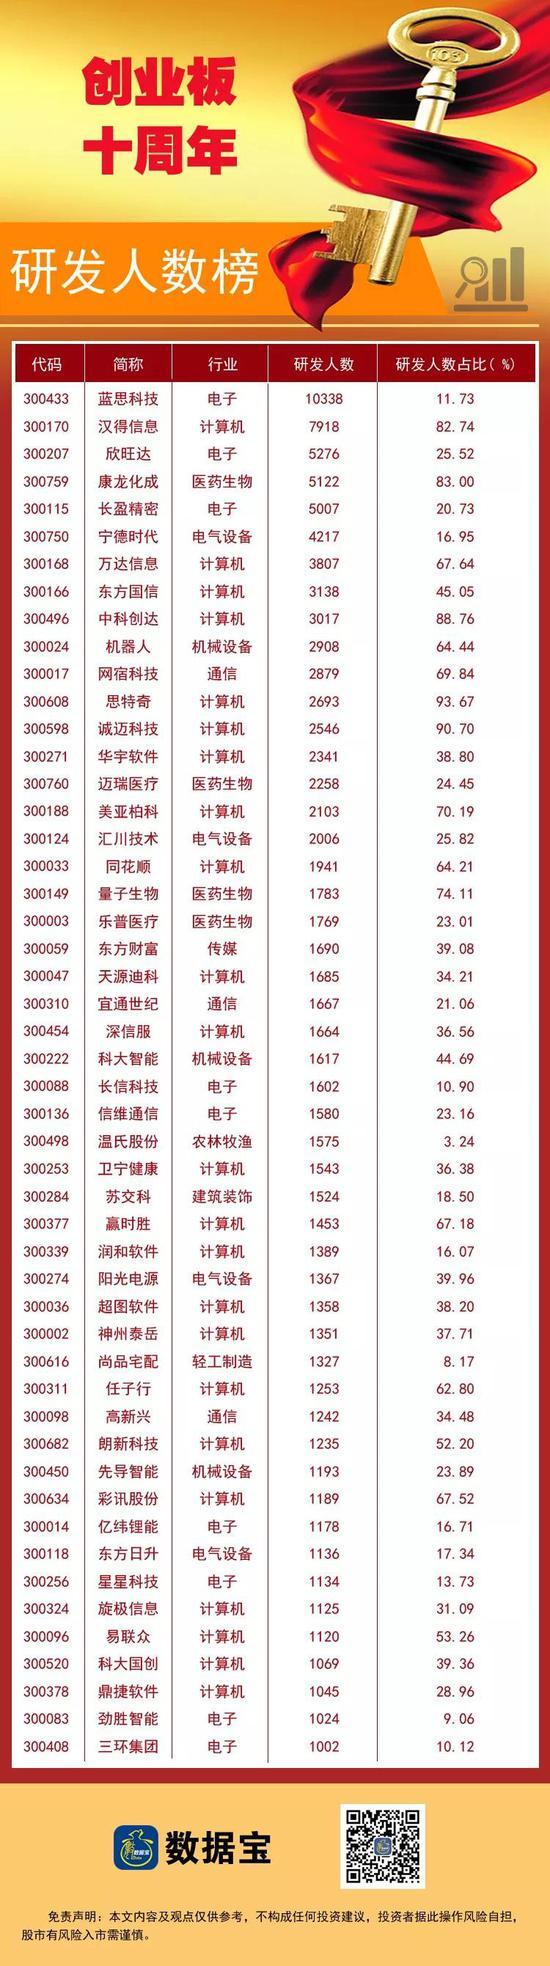 新澳门在线最值得信赖,中国空间站计划表出炉:今年启动,2020年前后发射核心舱